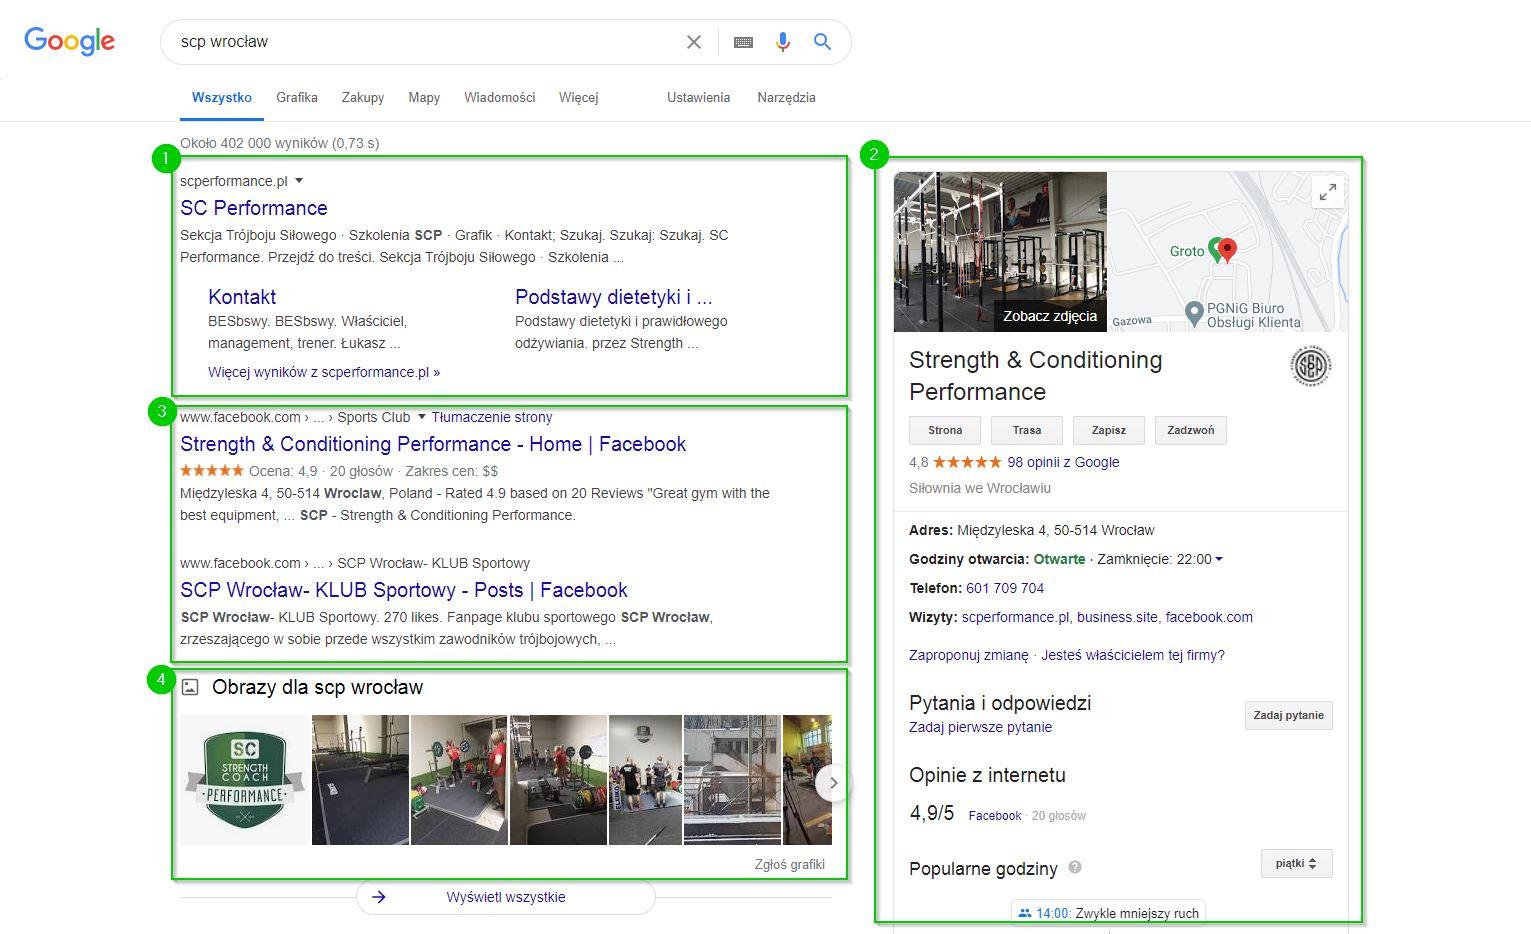 Kampania brandowa - wyniki wyszukiwania